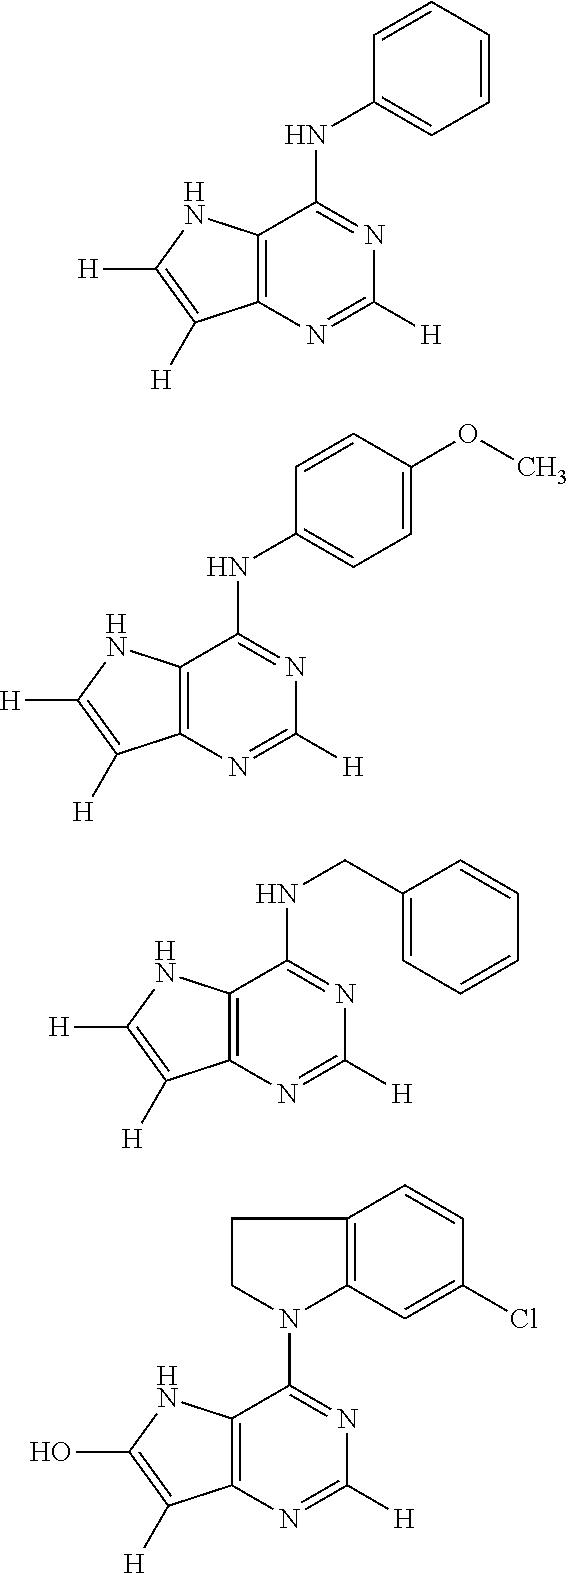 Figure US20110003805A1-20110106-C00003